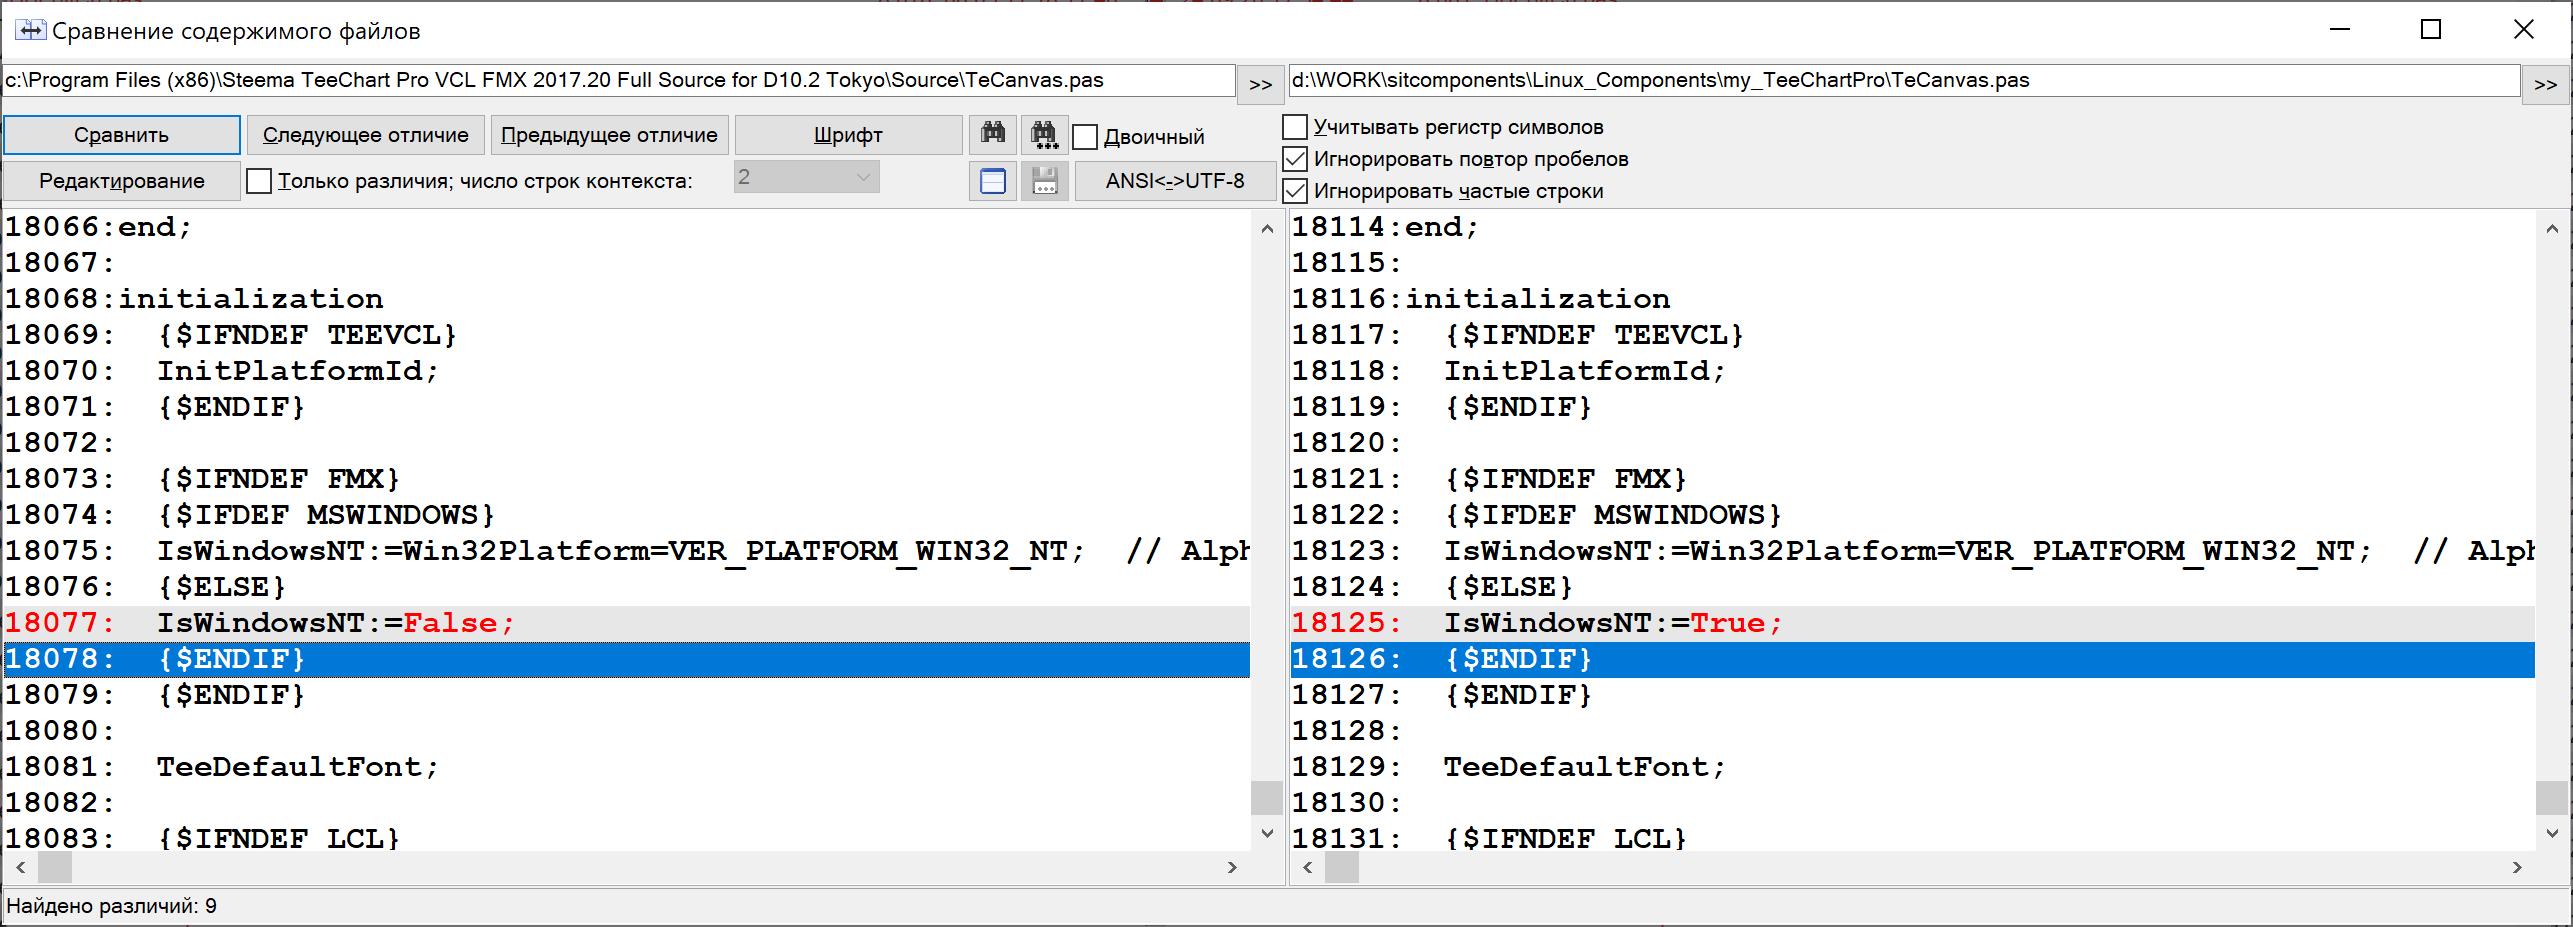 Особенности портирования сложного модульного ПО написанного на Delphi под ОС Linux - 12